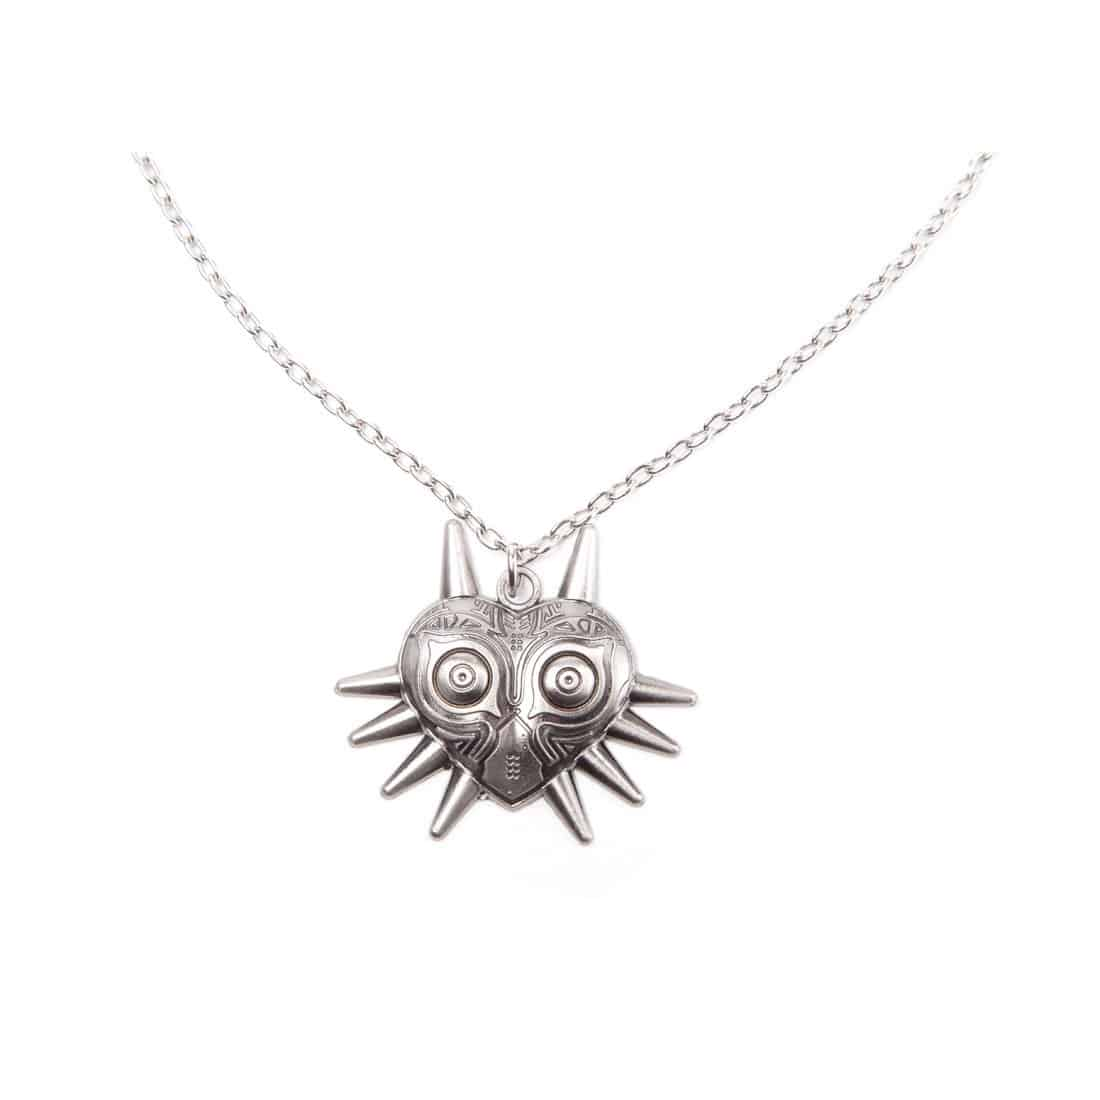 Zelda - Majora's Mask Silver Necklace